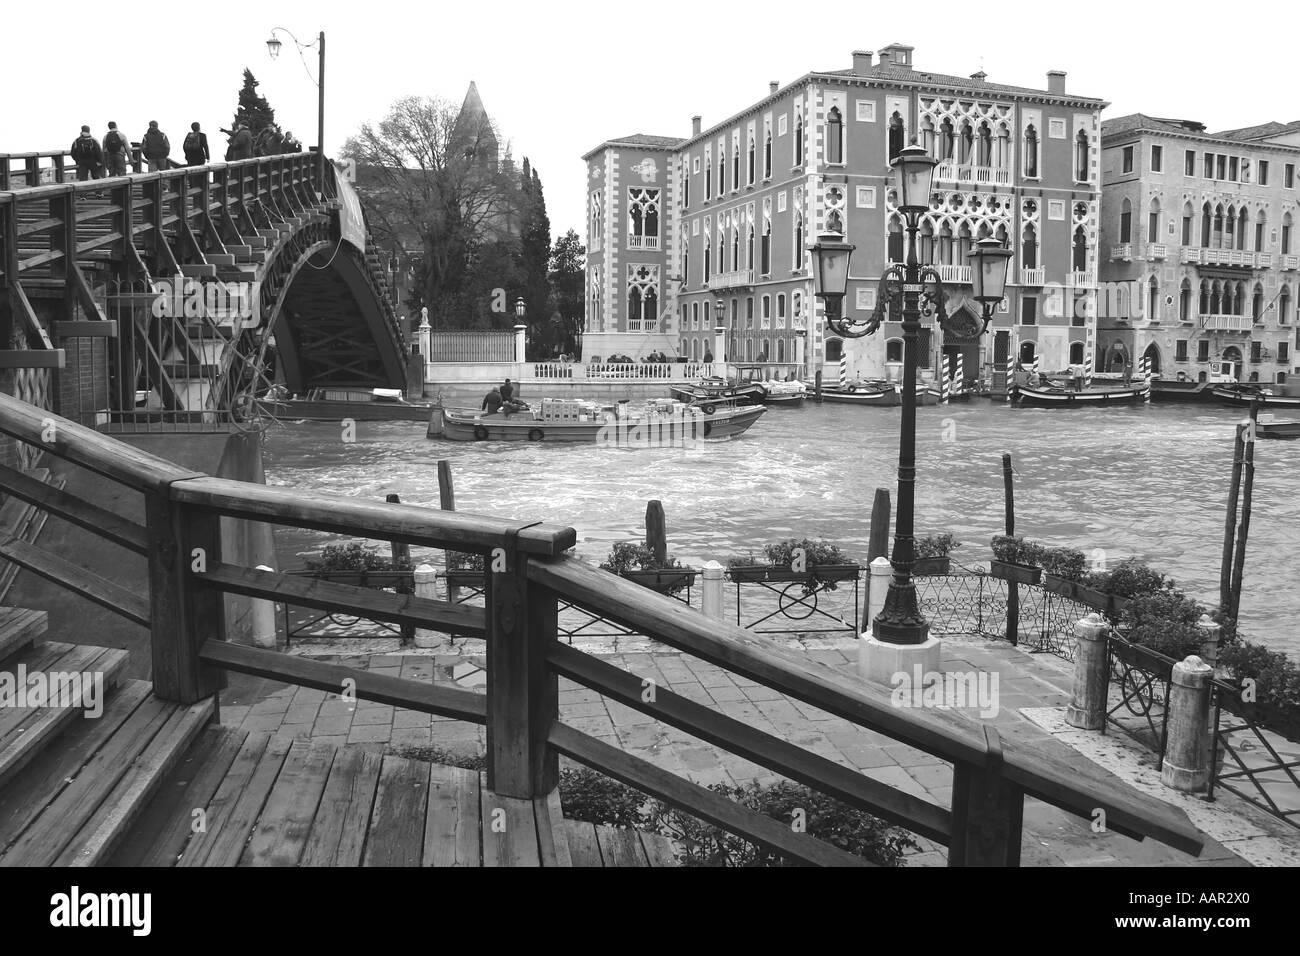 Accademia bridge, Venice, Italy - Stock Image